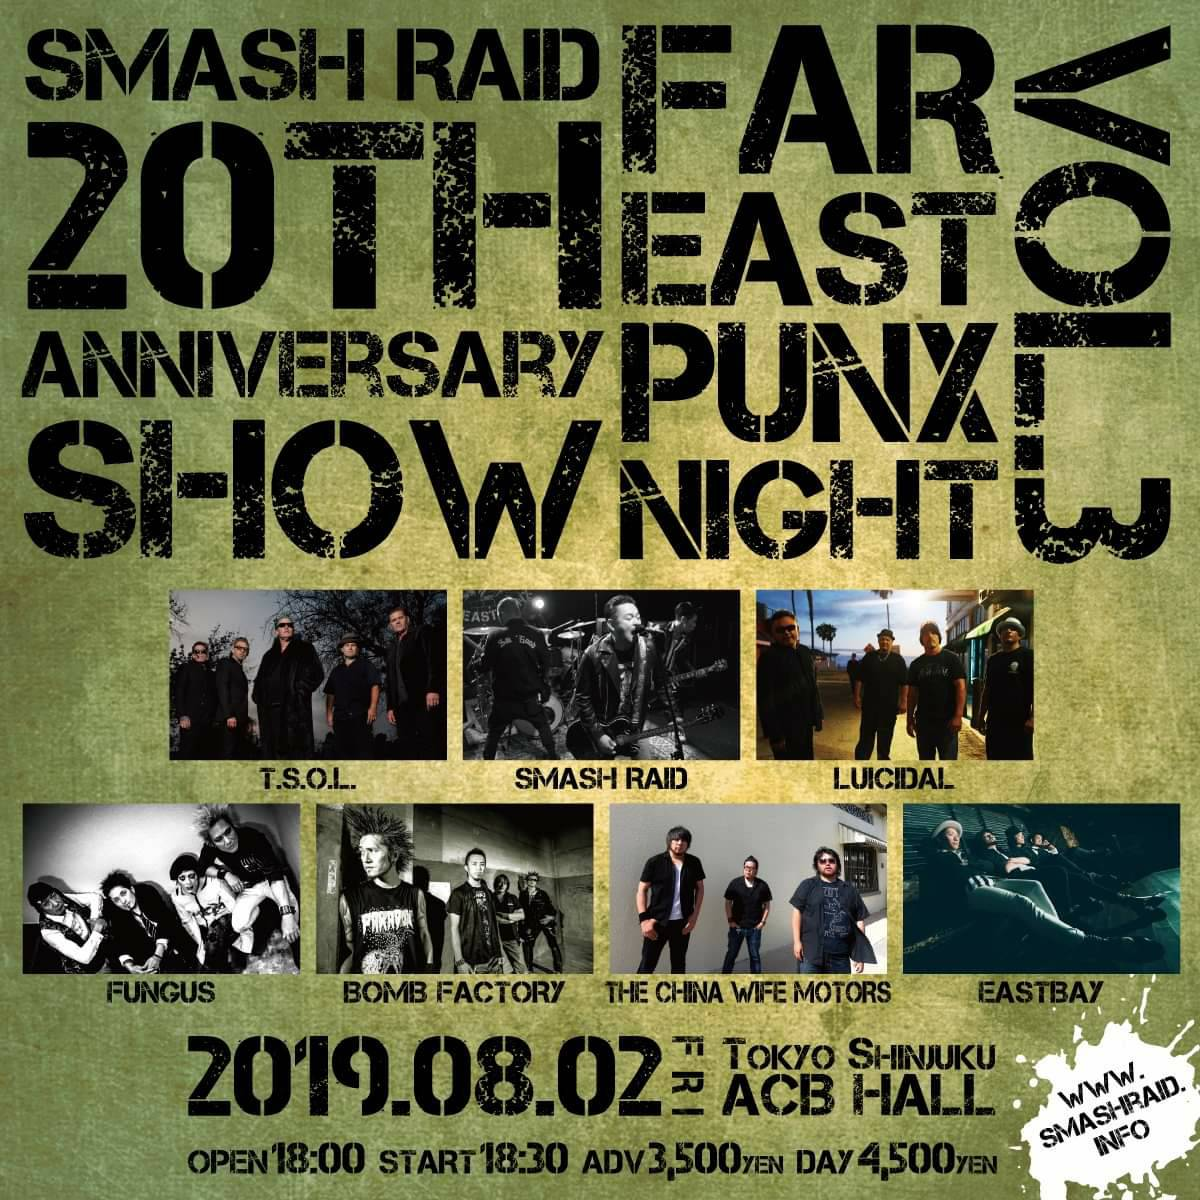 08/02(金) 新宿 ACB HALL